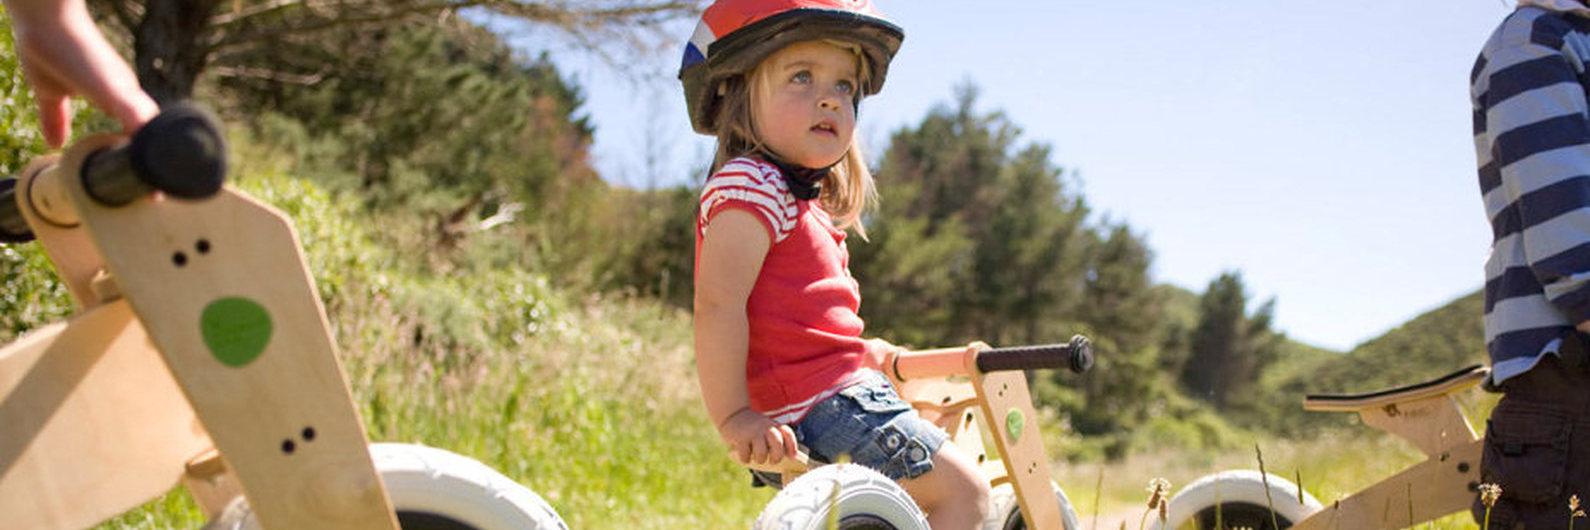 Casal neozelandês transforma tapetes usados em bicicletas para crianças